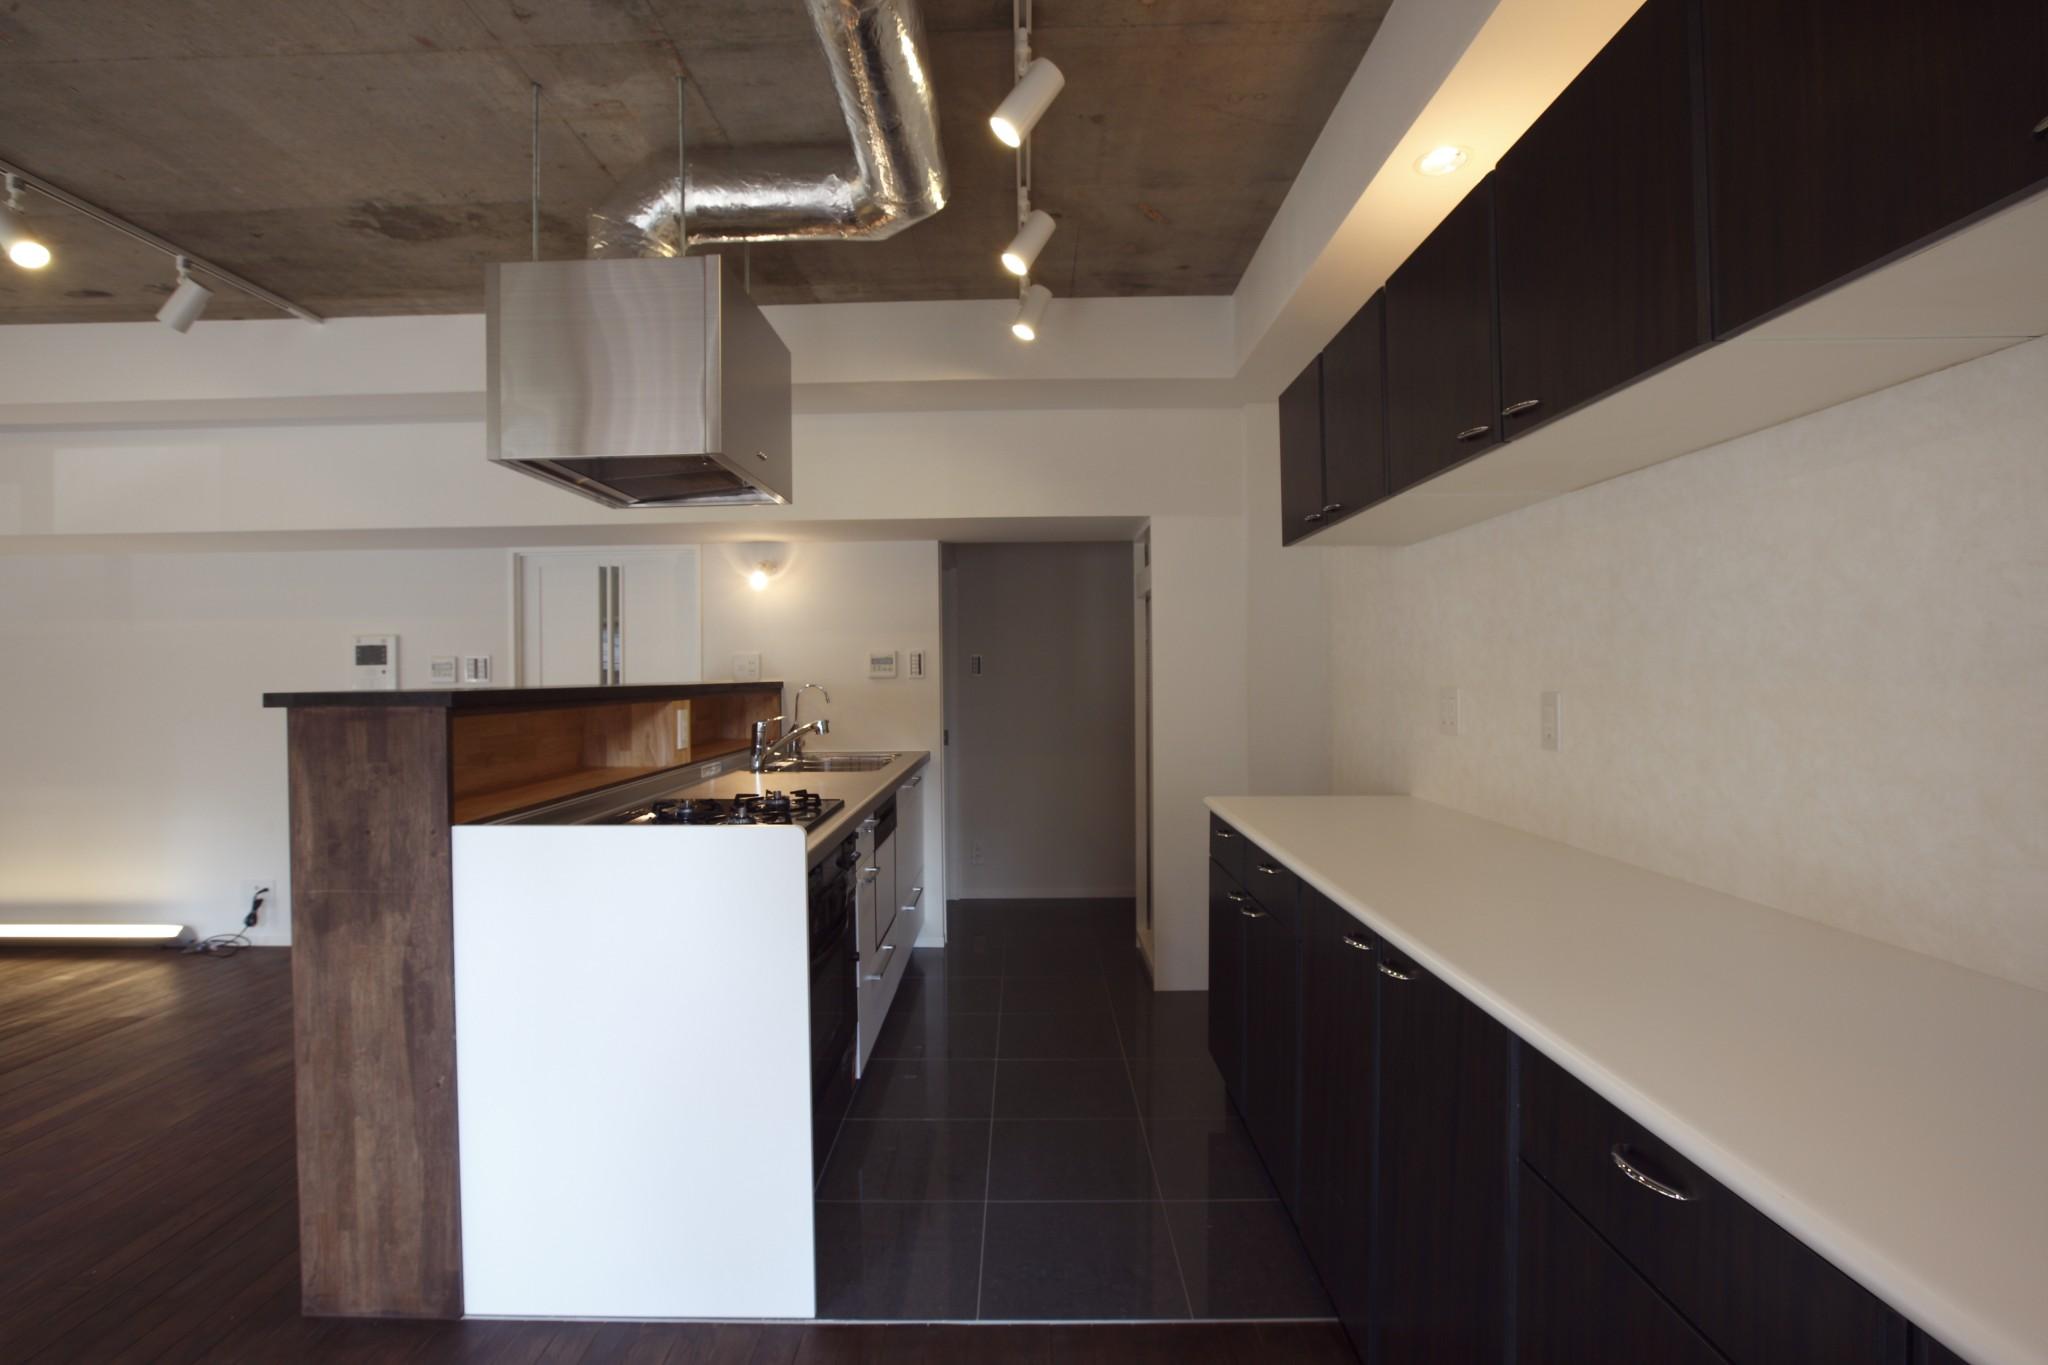 床、タイル、キッチン、収納、壁、リノベーション、リノベーション東京